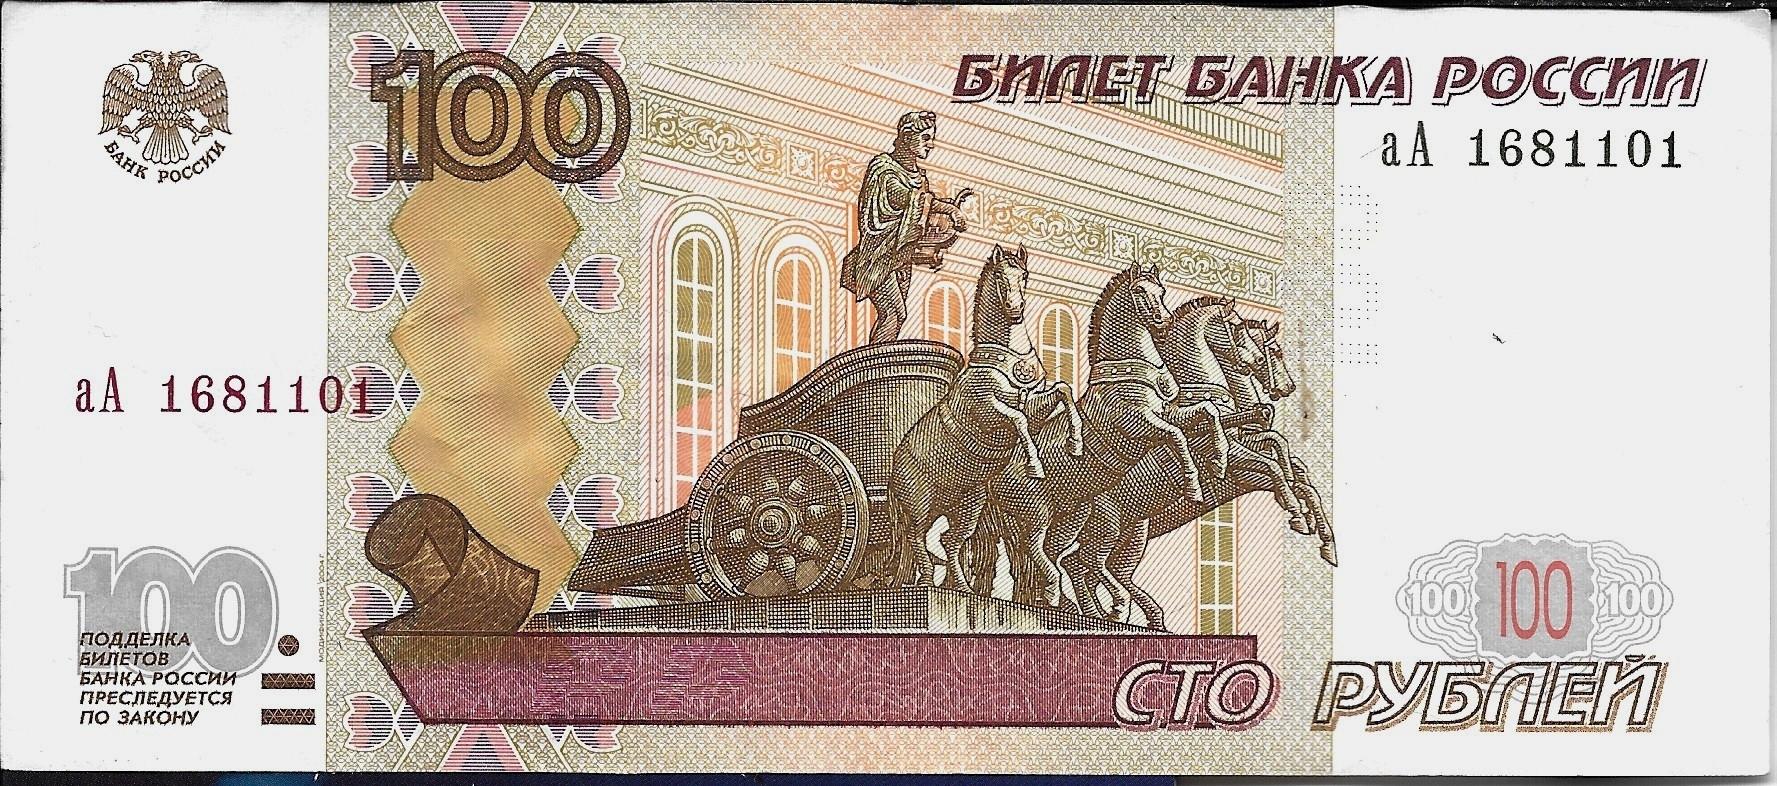 налогового актуальный бизнес 2016 до 100000 рублей Предложений